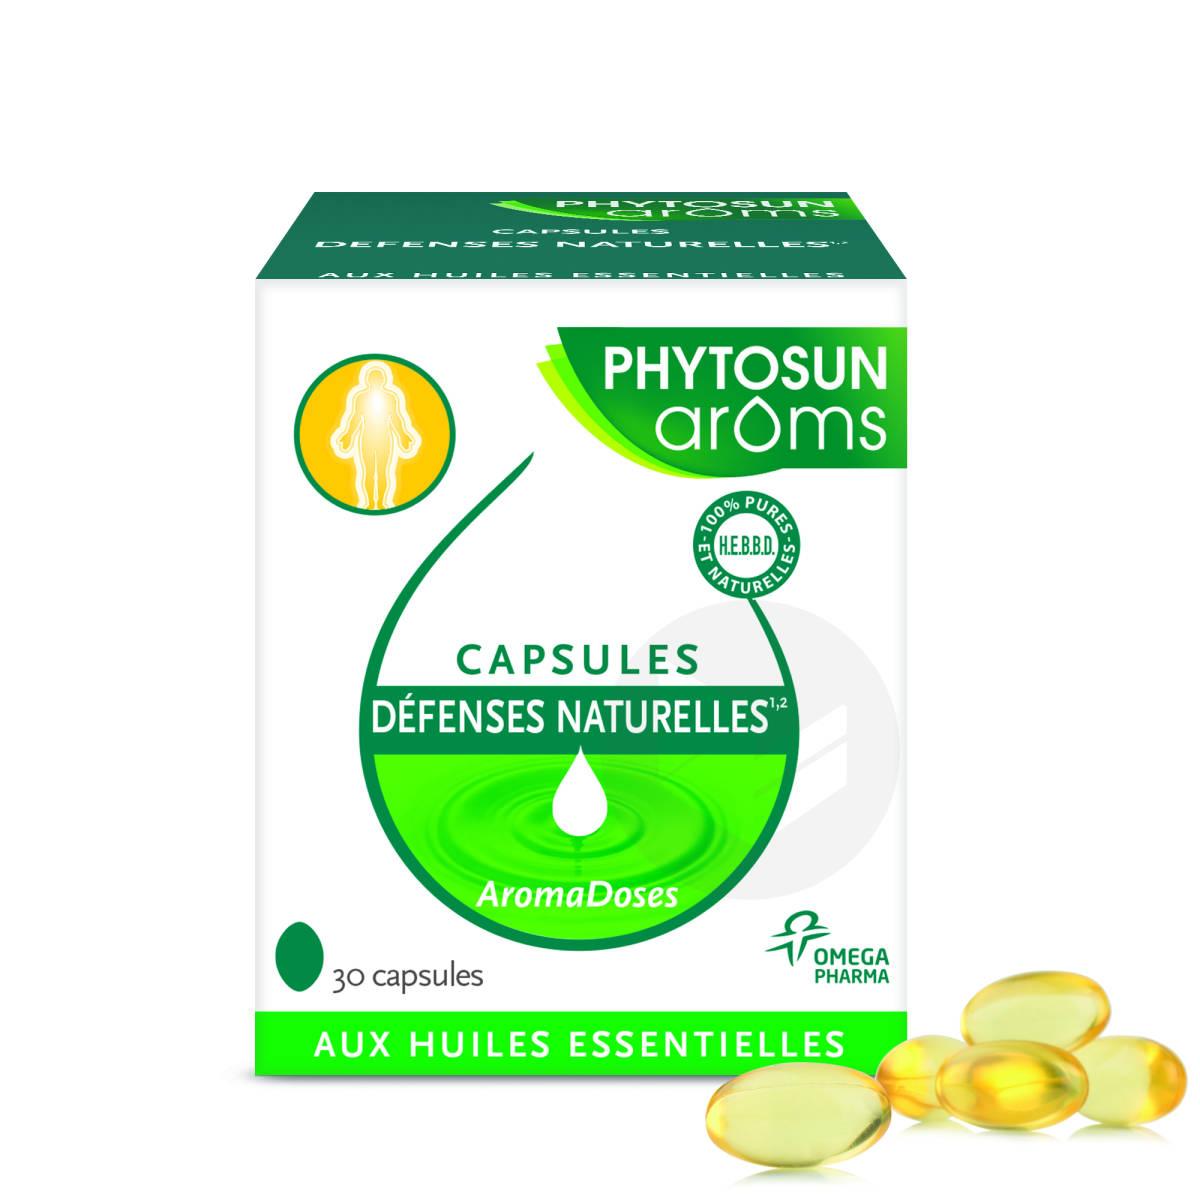 Capsules defenses naturelles1,2 aux huiles essentielles x30